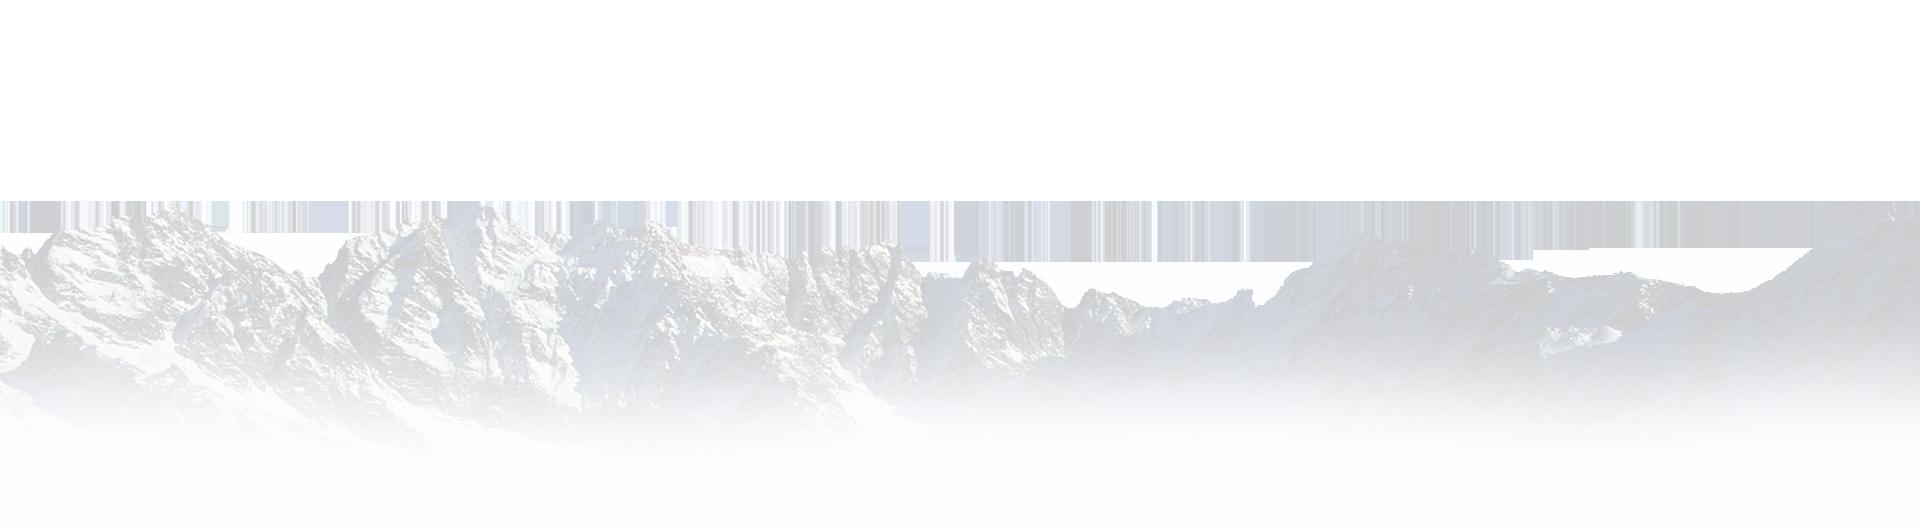 Calendario Gare Sci Fondo.Sci Nordico Fisi Alpi Centrali Federazione Italiana